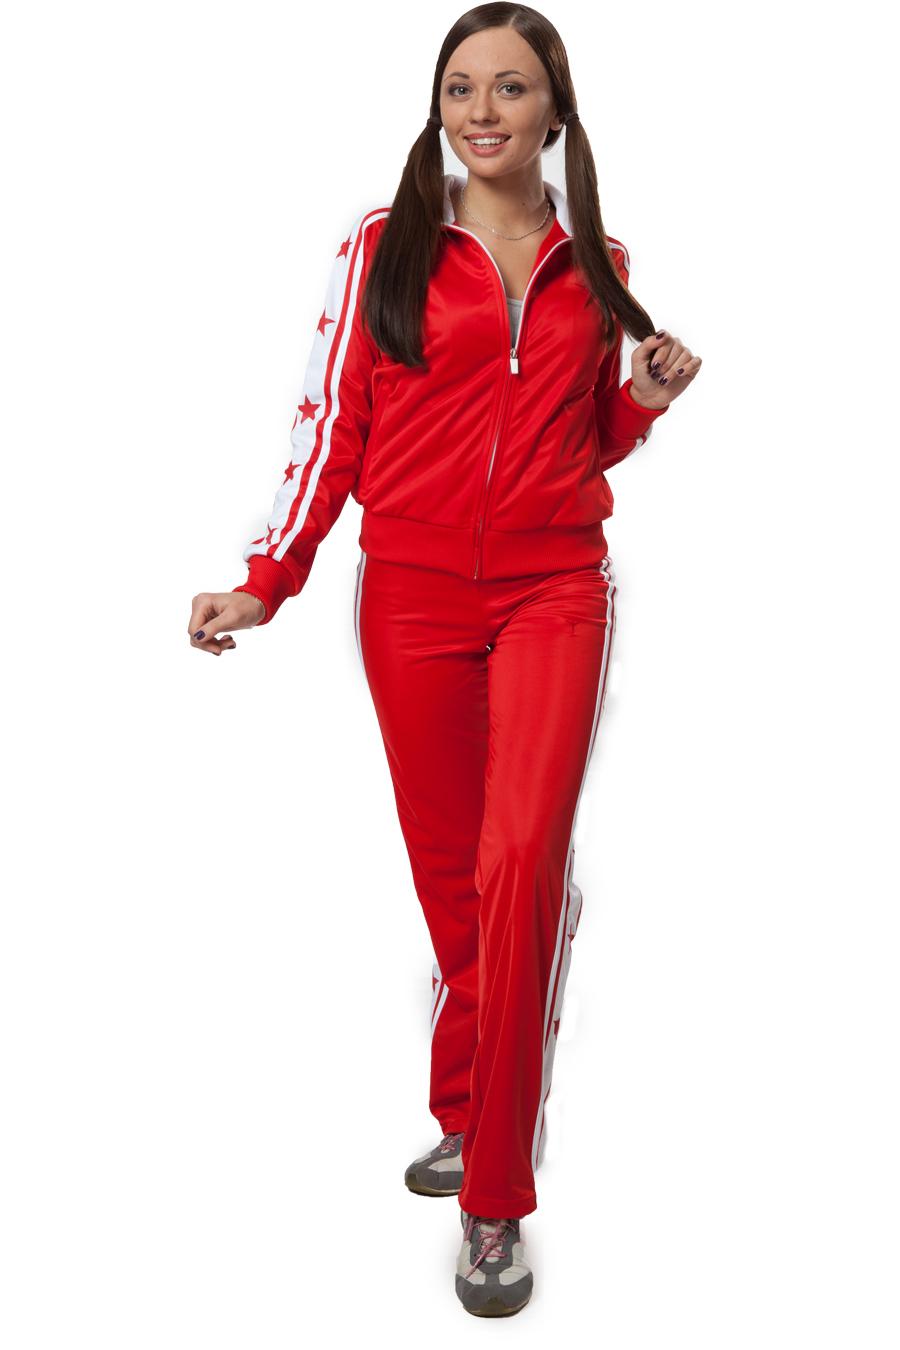 adc4c416dc17 Красные спортивные костюмы как магнит притягивают к себе внимание  окружающих. Особенностью красного цвета является его способность вызывать  противоречивые ...